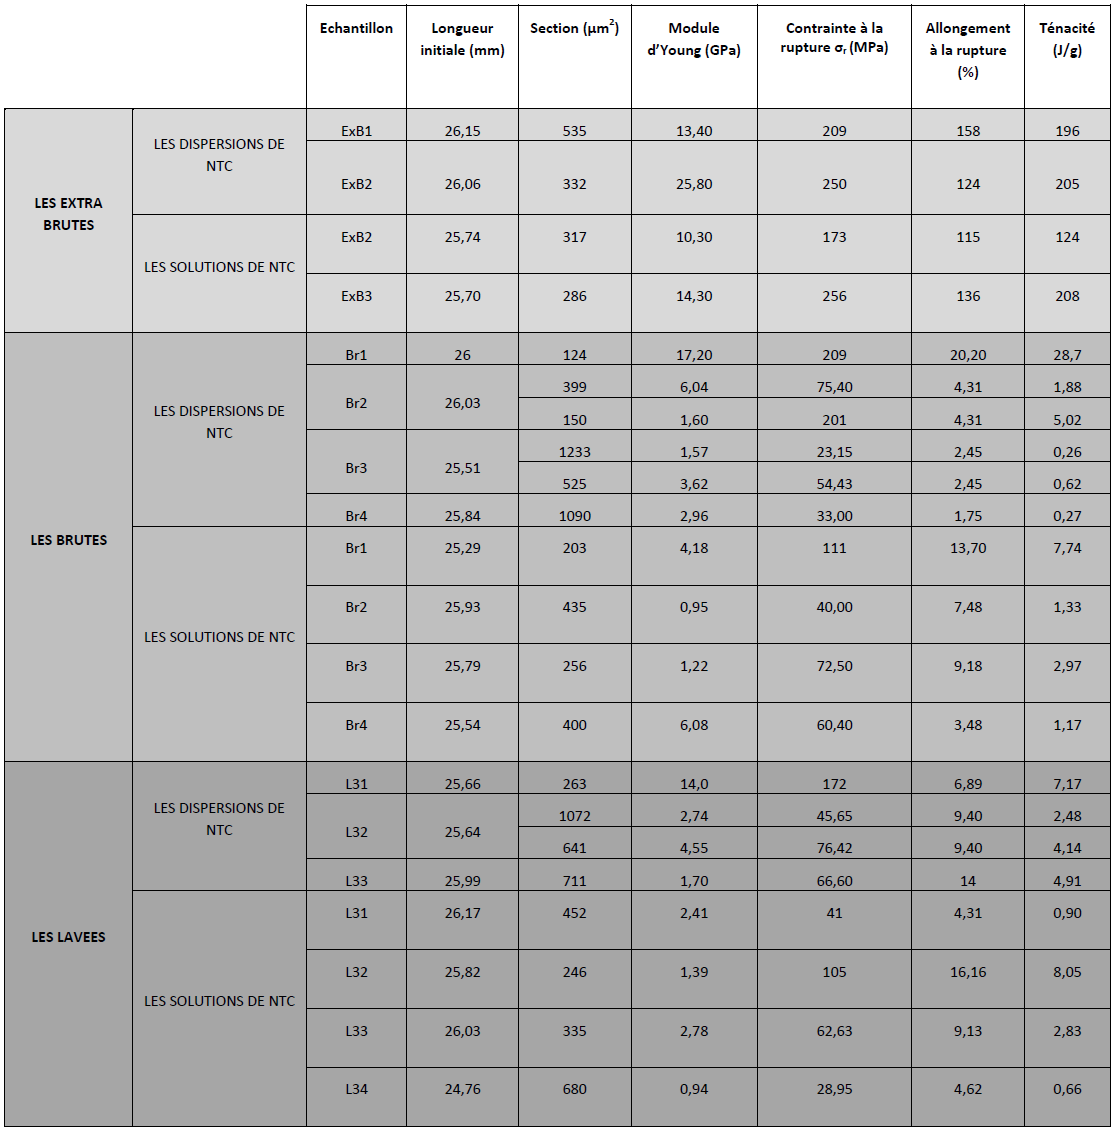 ANNEXE IV Comparaison entre les propriétés mécaniques des fibres obtenues à partir des solutions et des dispersions de nanotube de carbone